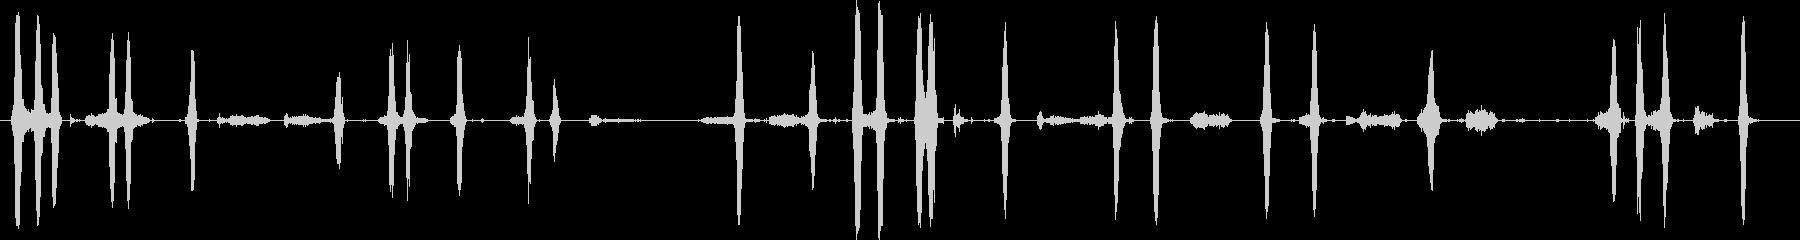 犬、樹皮、SN、動物、2つのバージ...の未再生の波形